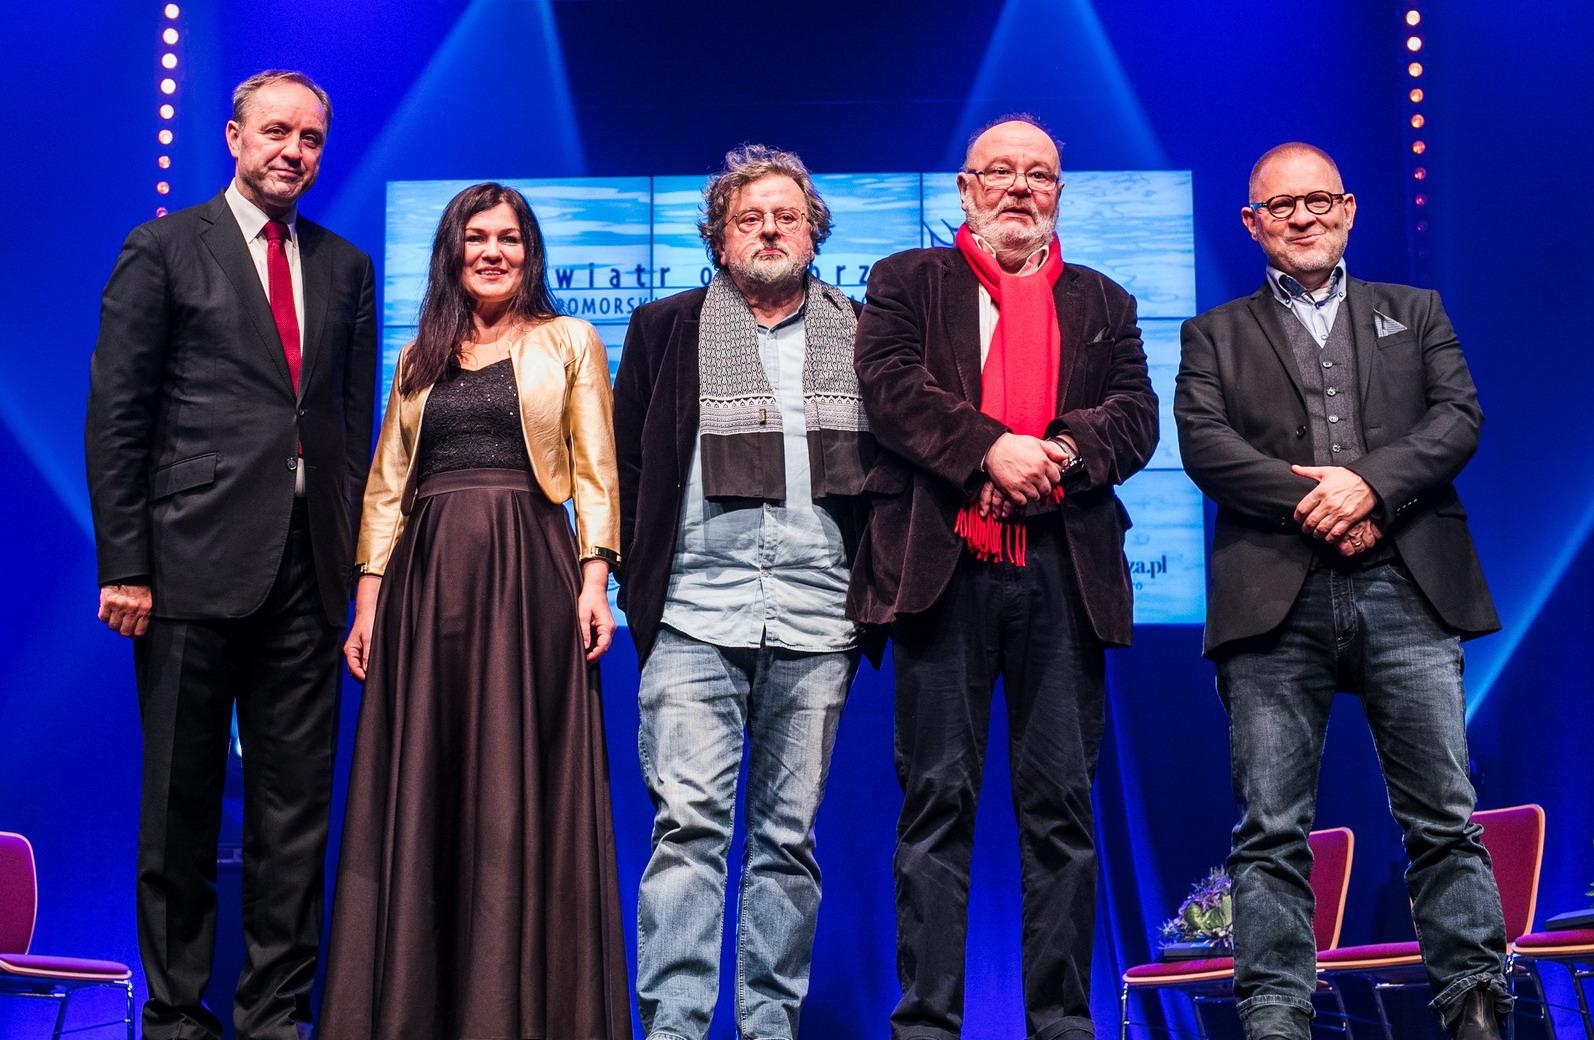 Znamy laureatów Pomorskiej Nagrody Literackiej Wiatr od Morza [GALERIA]